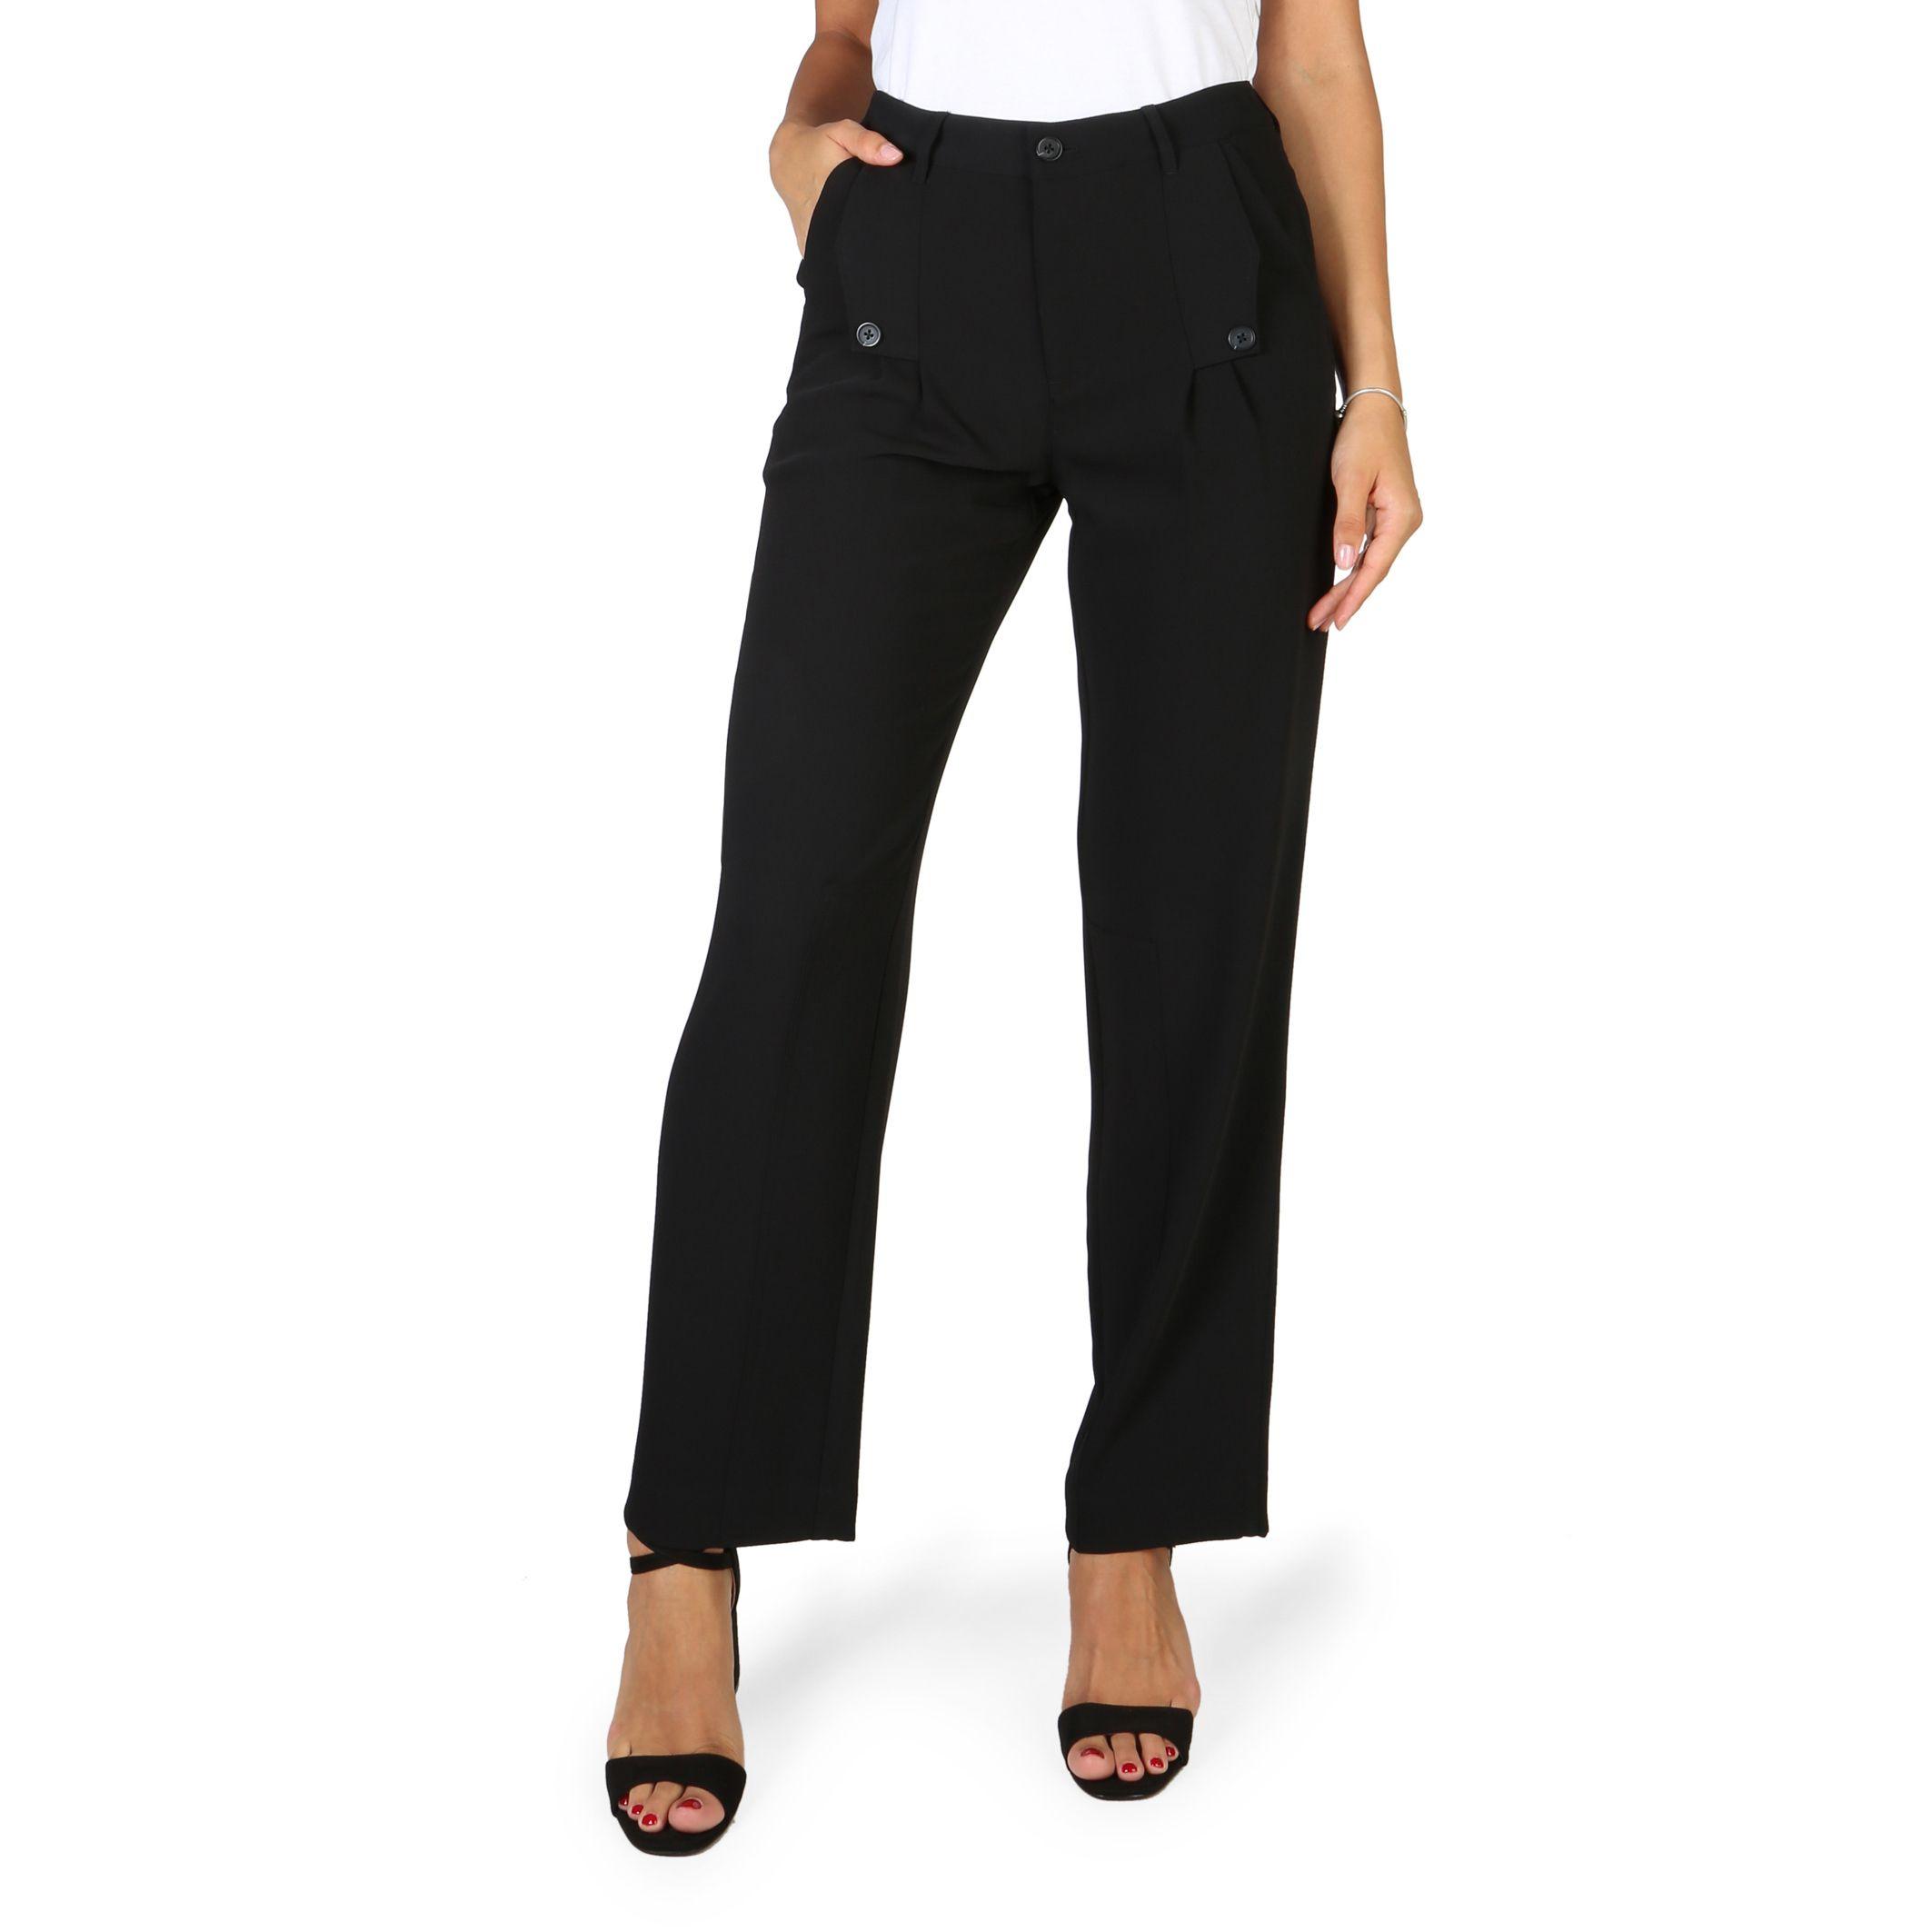 Pantaloni Emporio ArmaniVJP17TVJ131